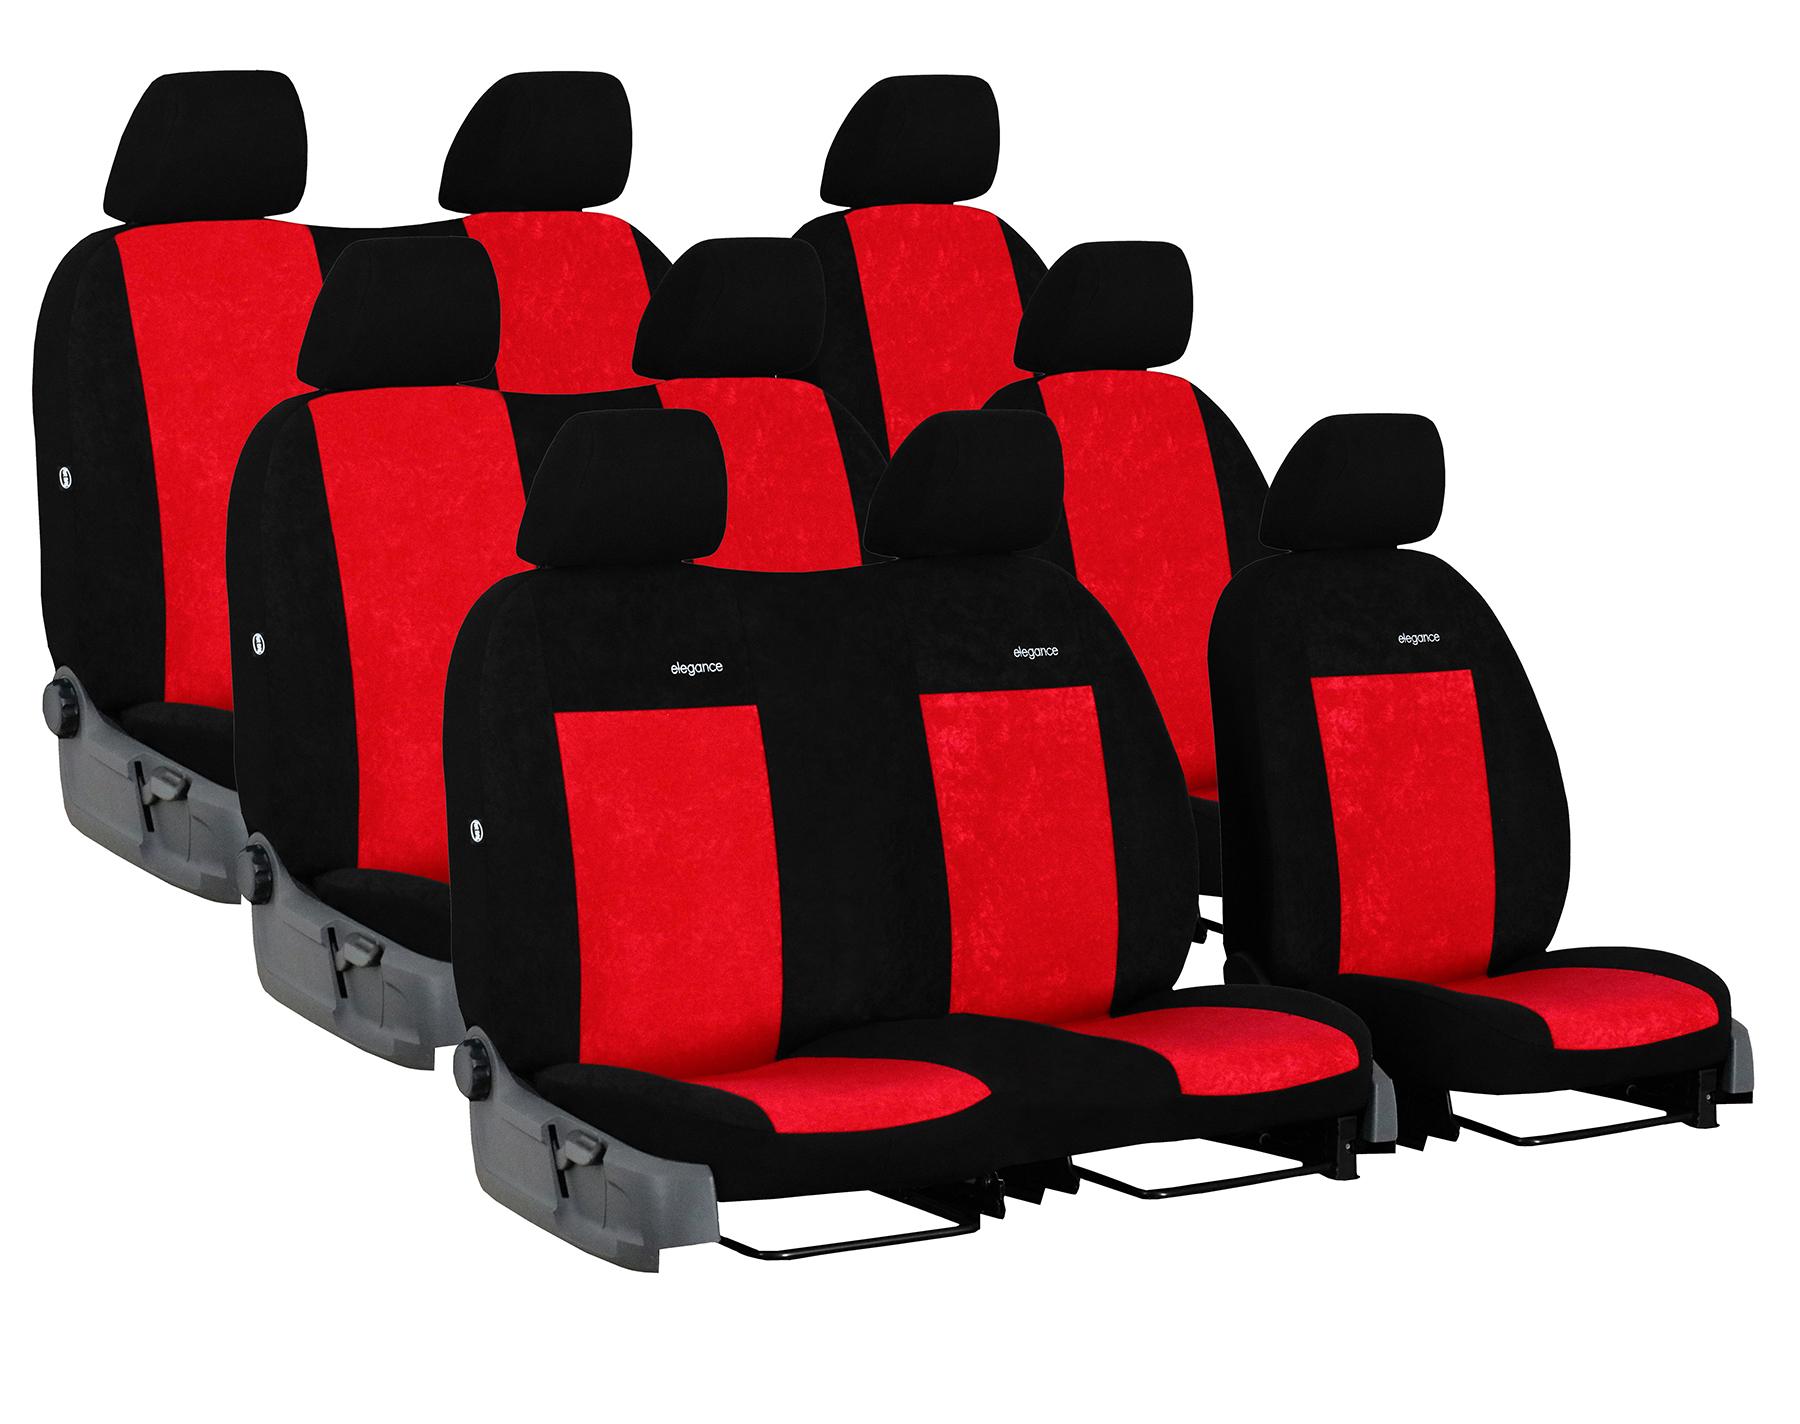 Automega Autopotahy FORD TRANSIT VII, 9 míst, DĚLENÁ ZADNÍ OPĚRADLA, od r. 2014, Elegance červené